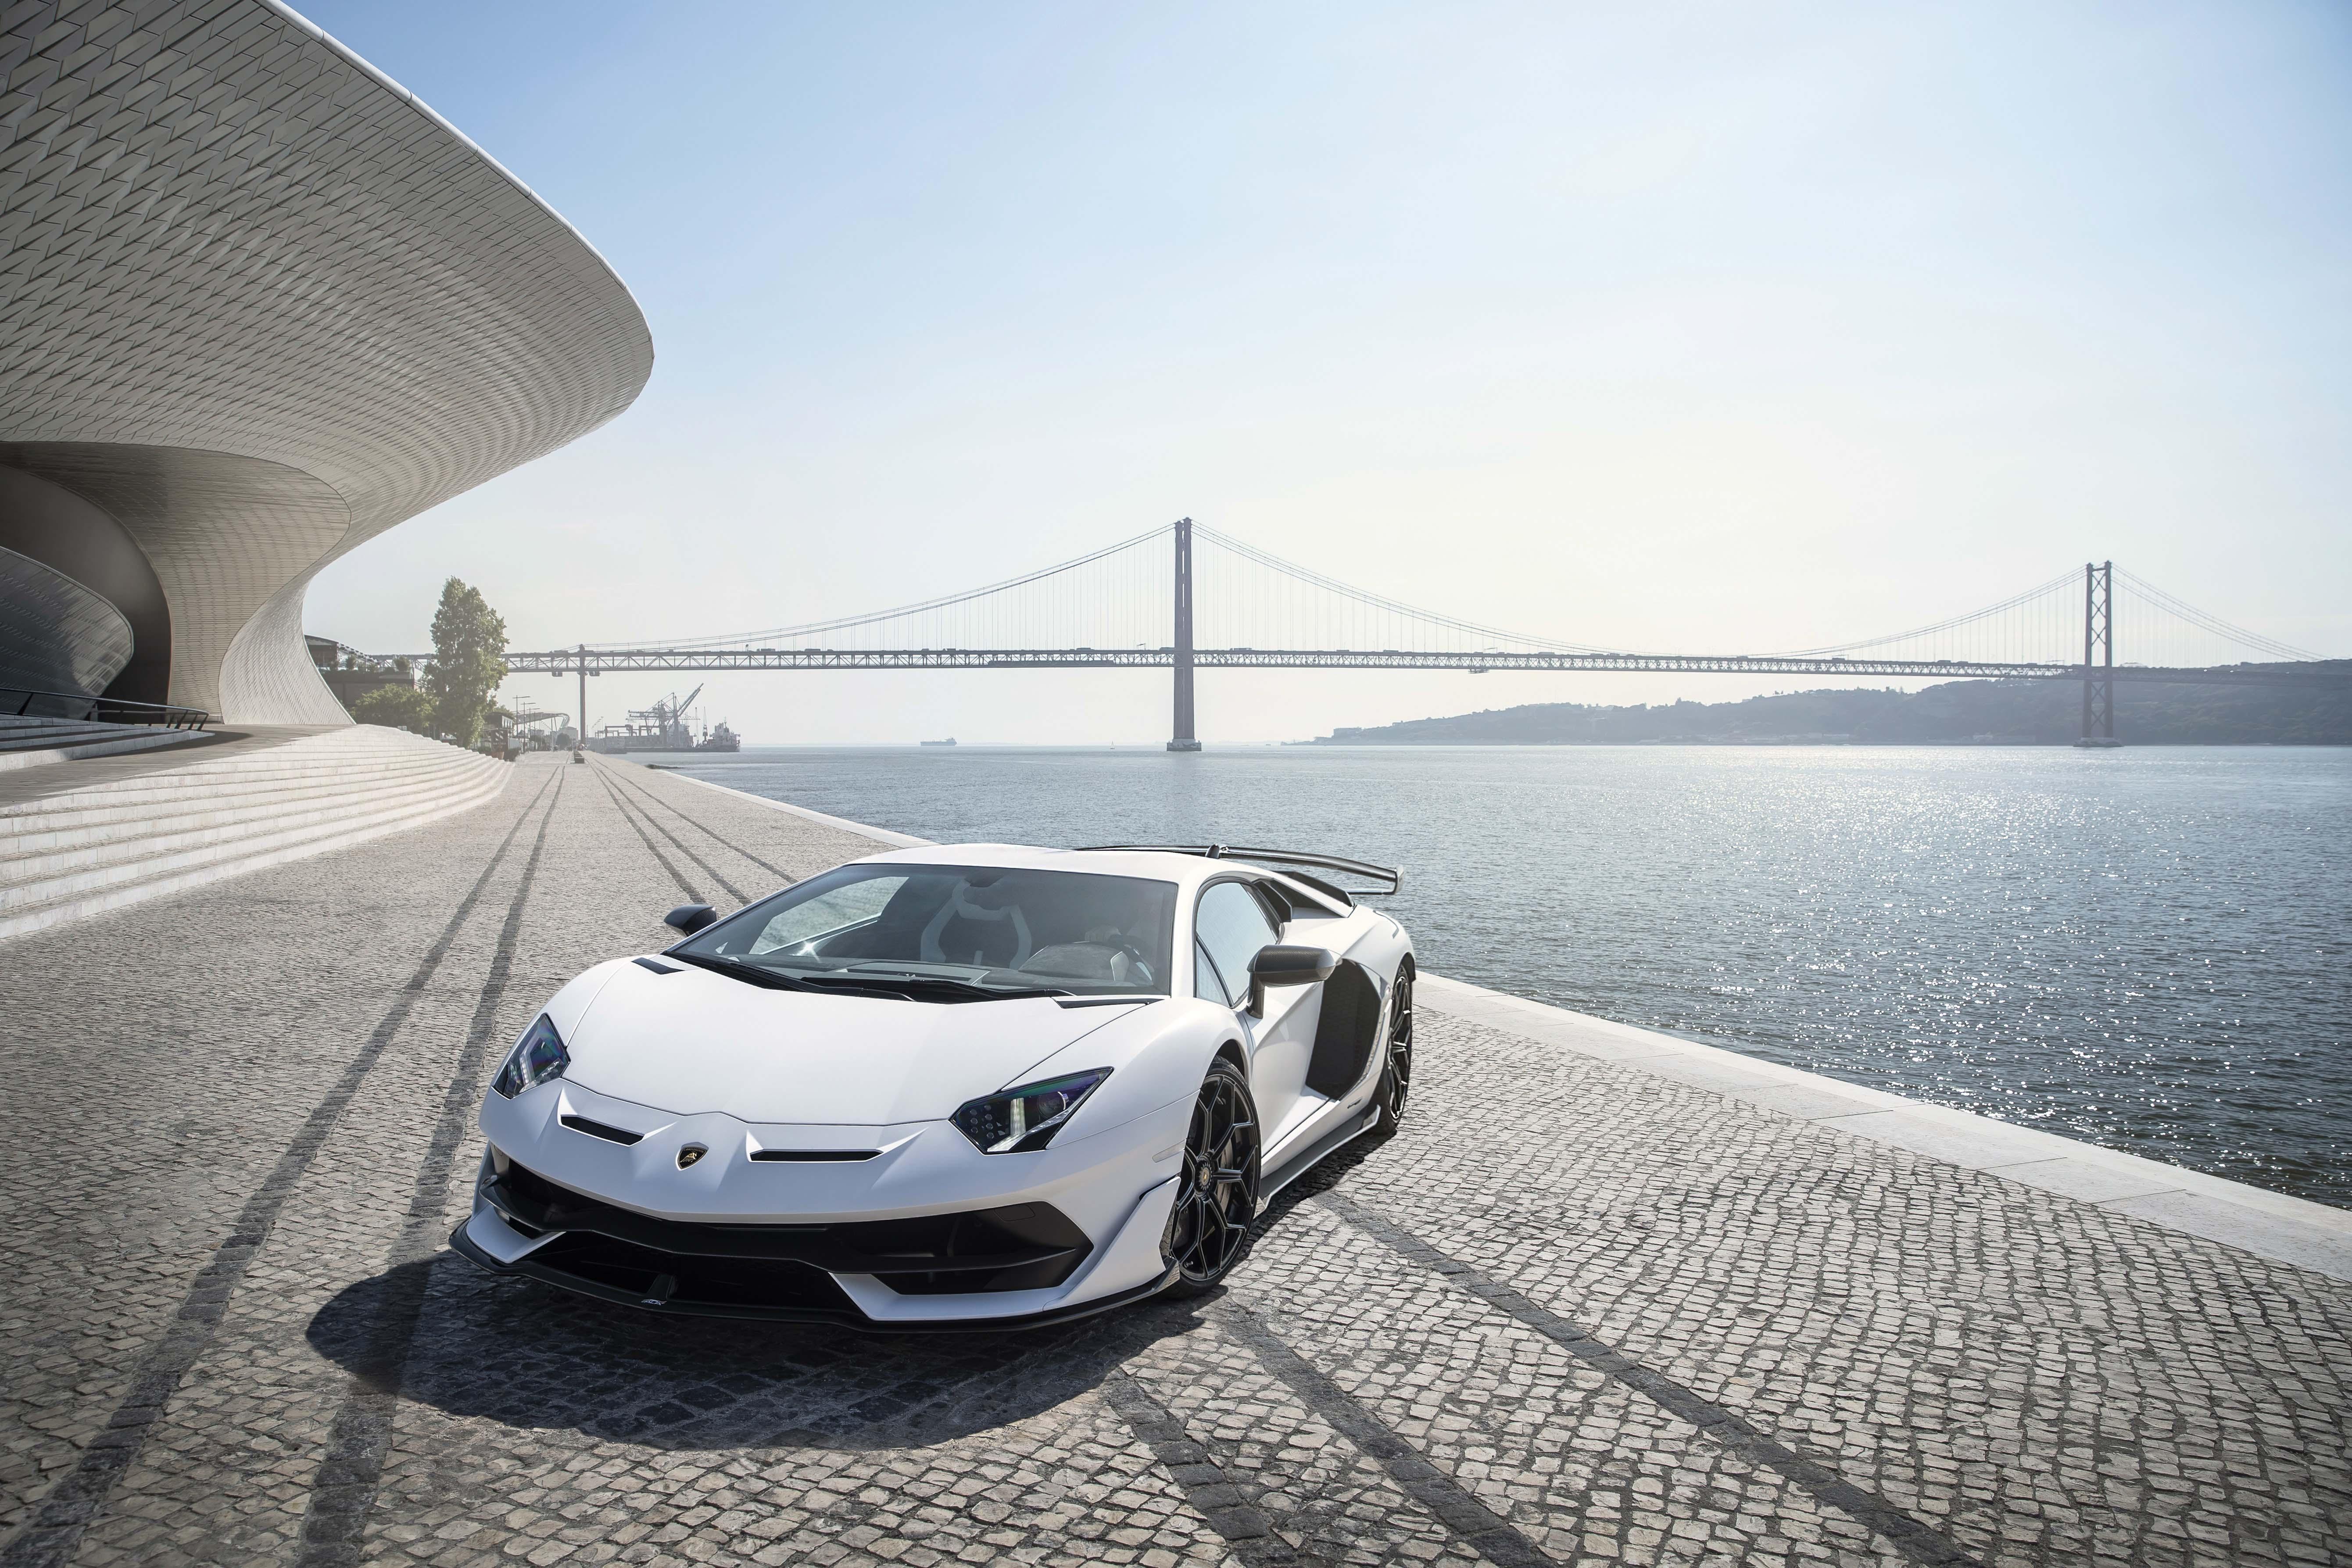 Lamborghini Aventador Svj White Lisbon 5k Hd Cars 4k